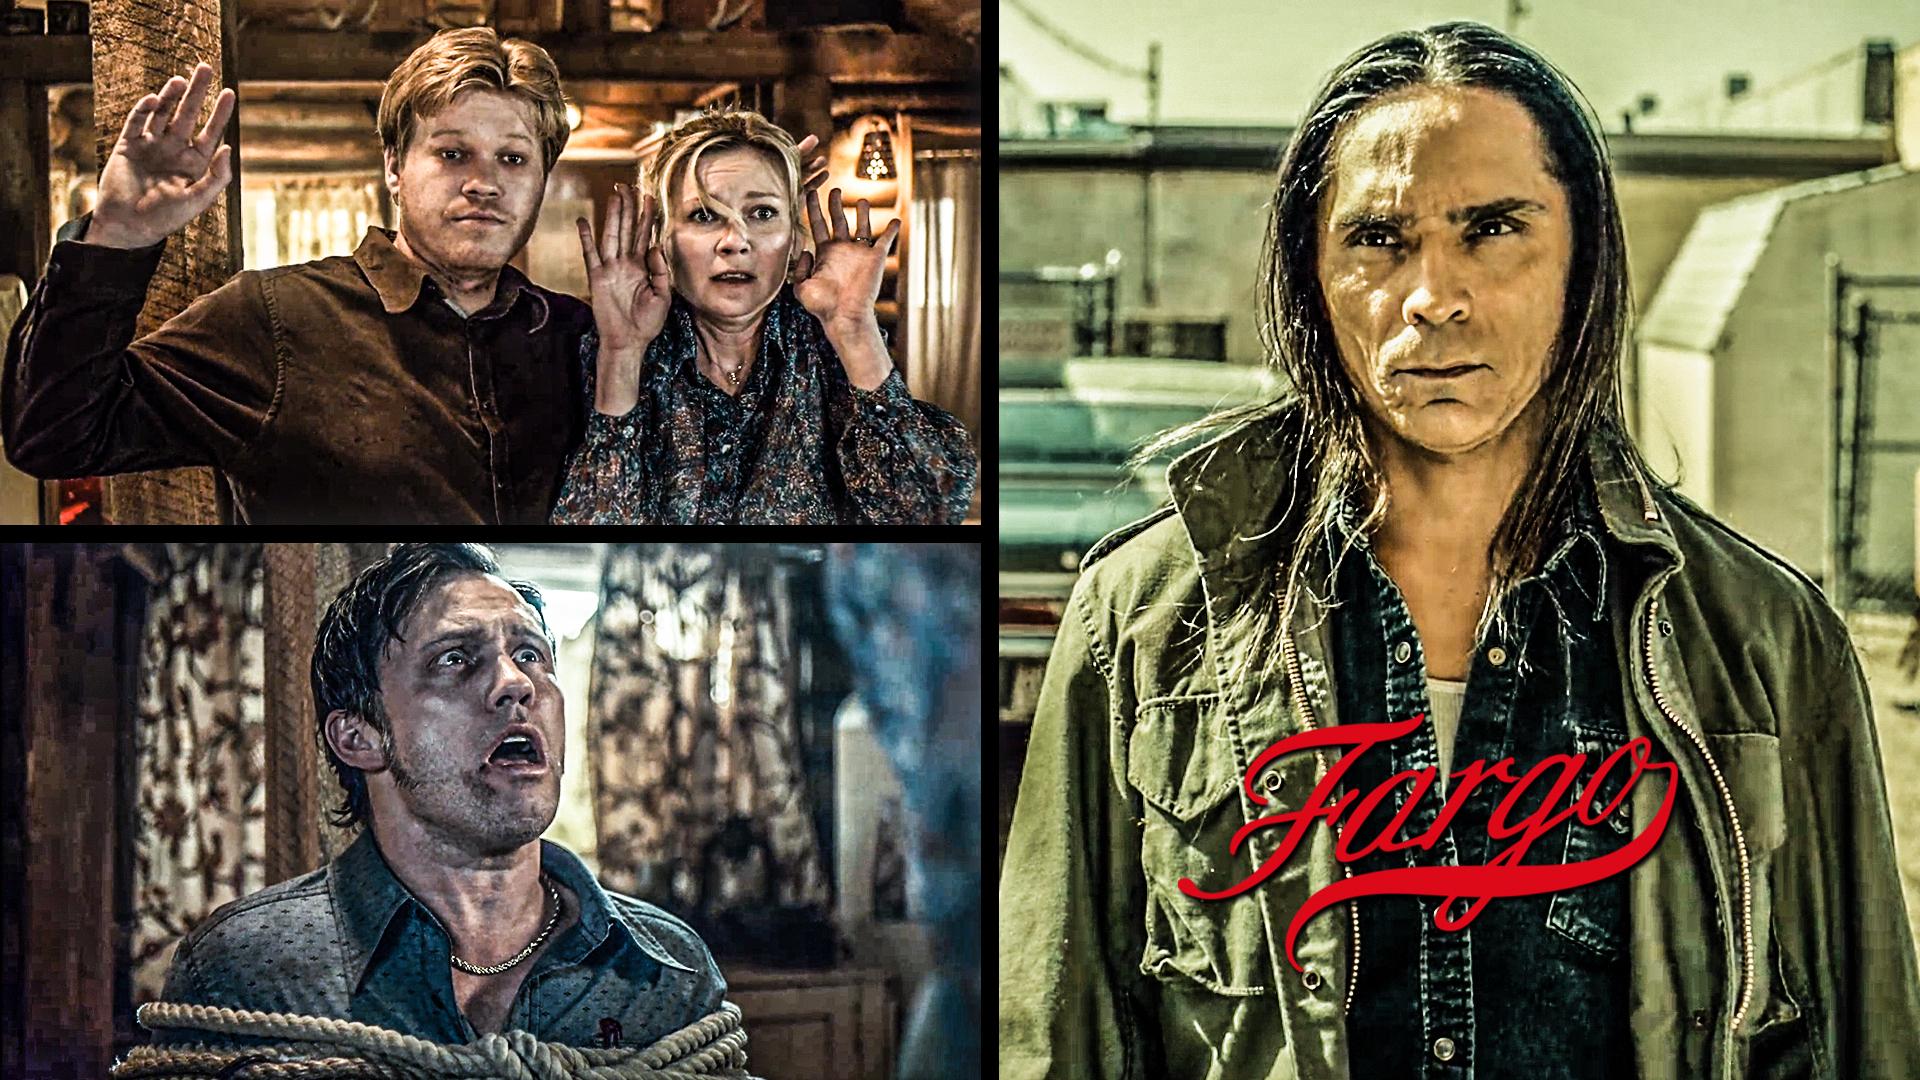 【墨菲】《冰血暴》第二季8期:印第安人嗜血追杀,艾德佩琪在劫难逃